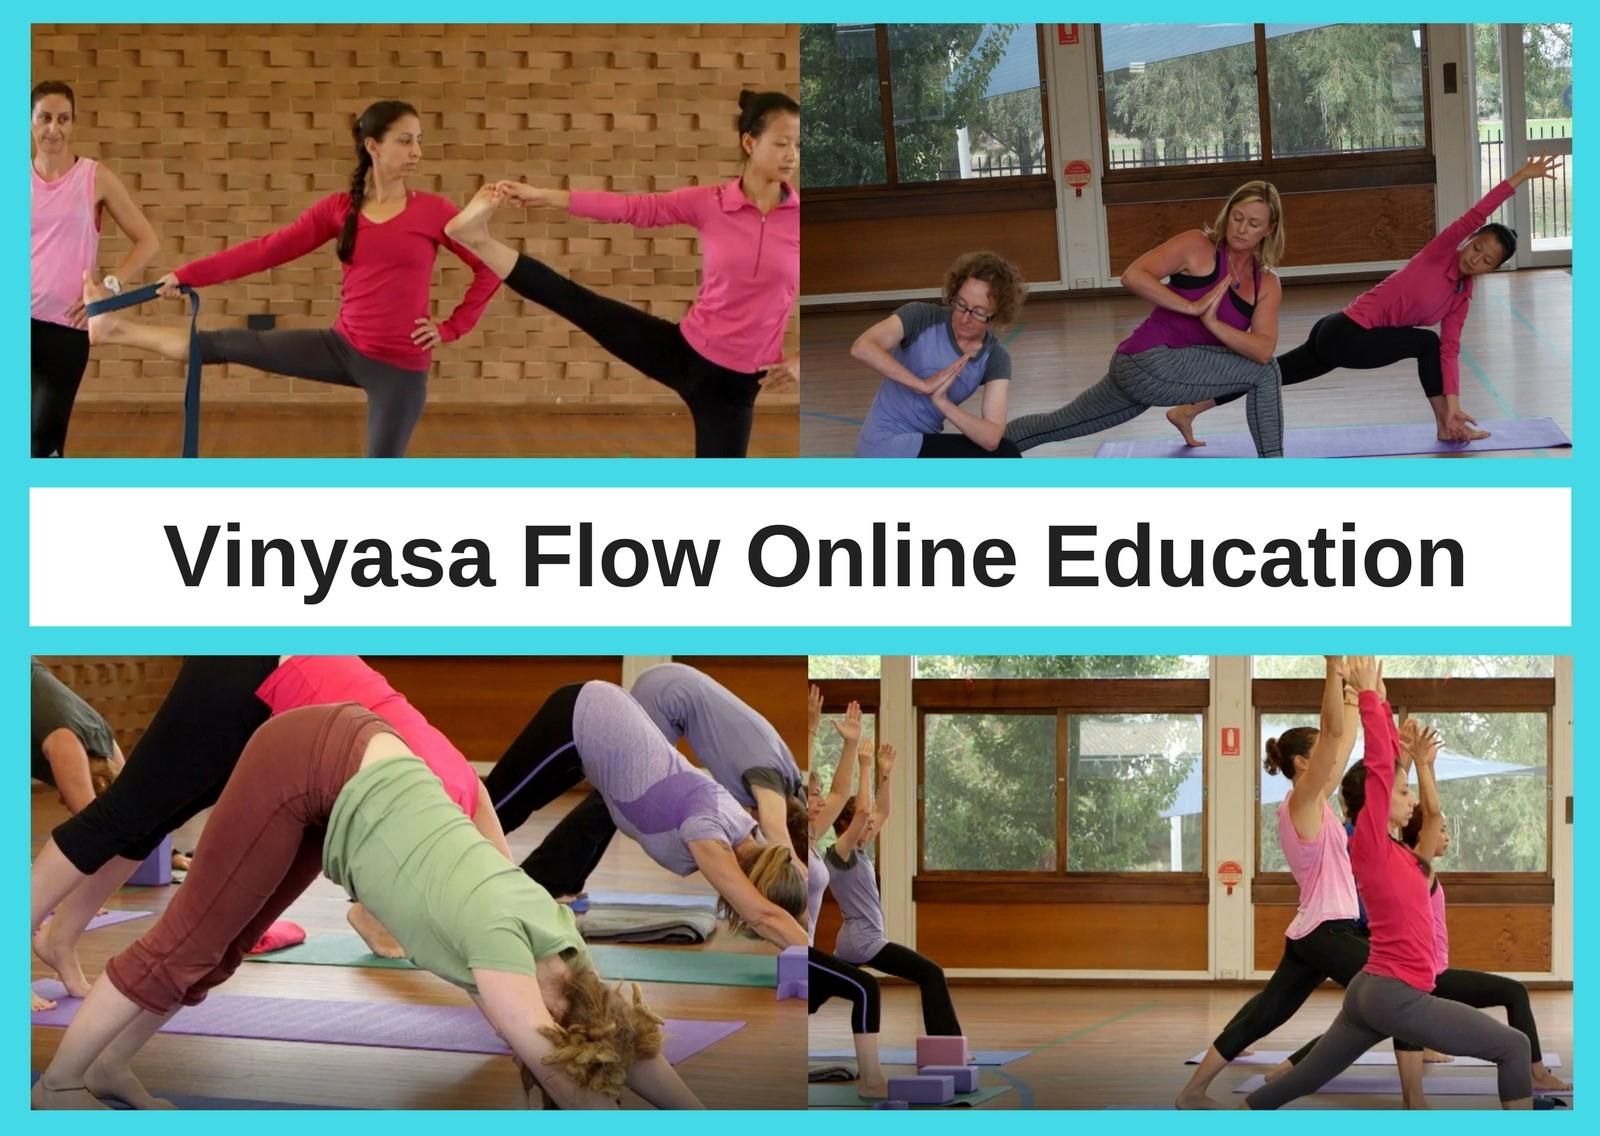 Vinyasa Flow Distance Education Course – Online Education Package